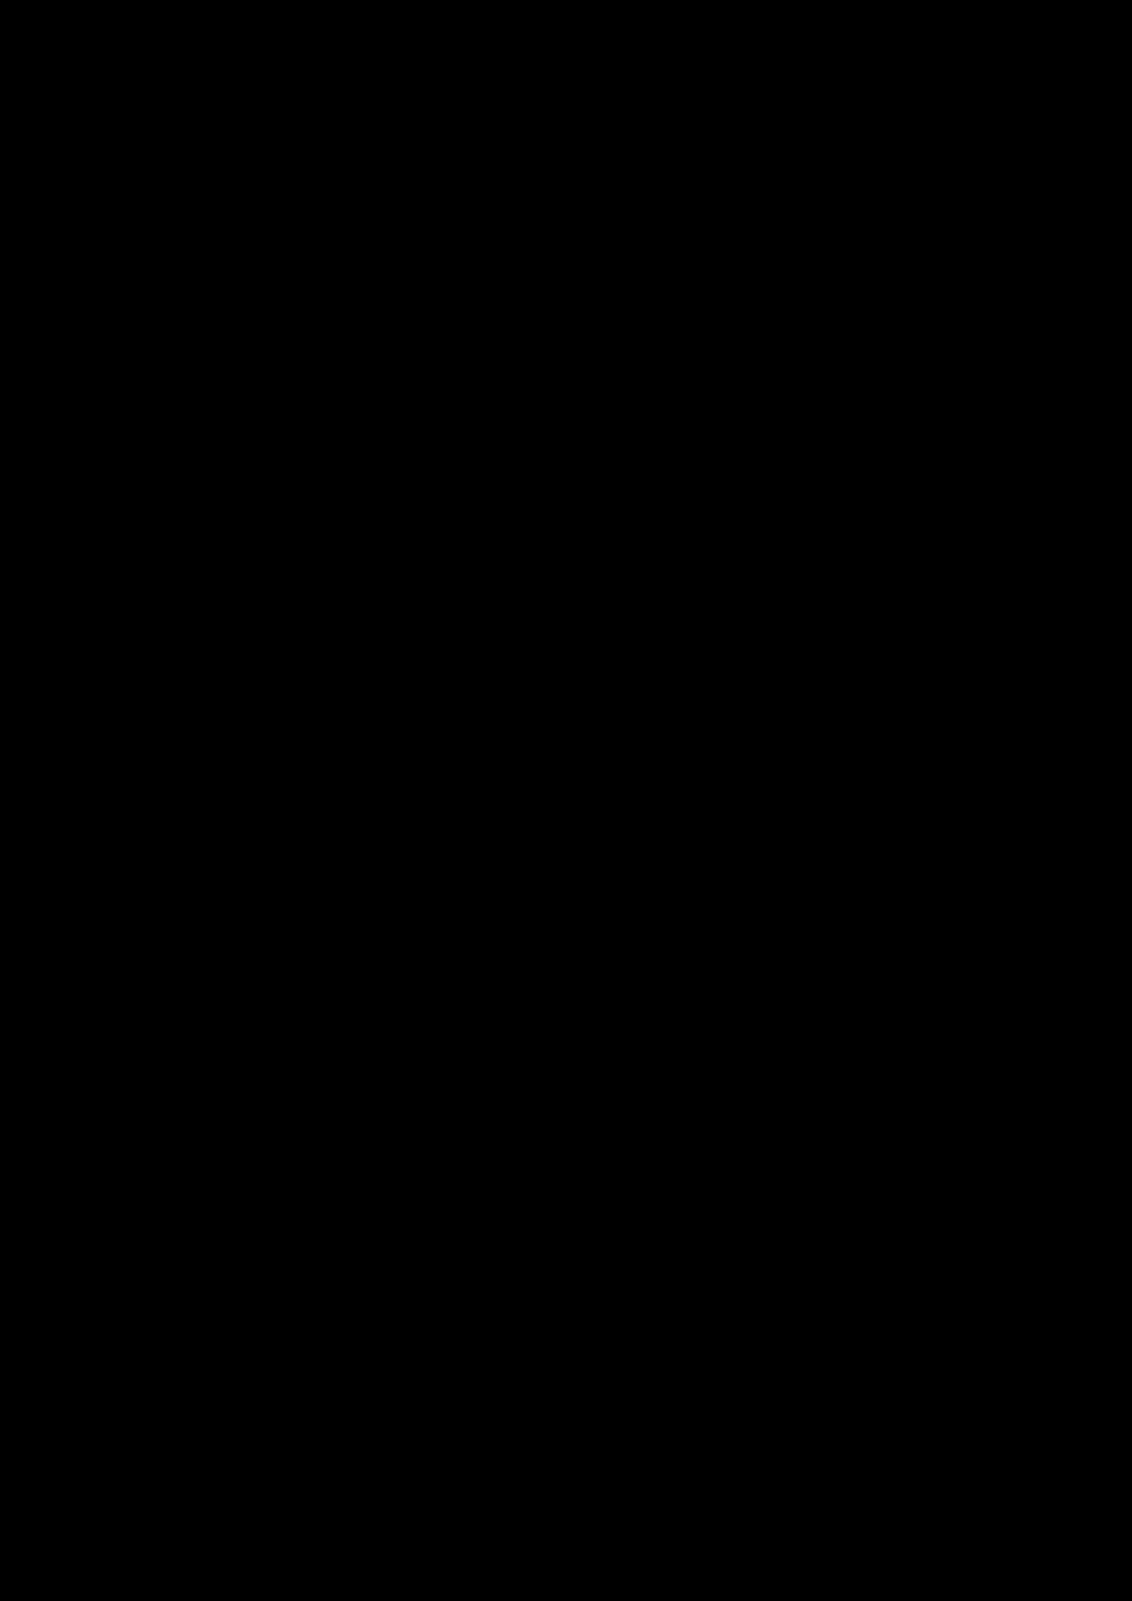 Osobyiy Rezon slide, Image 17